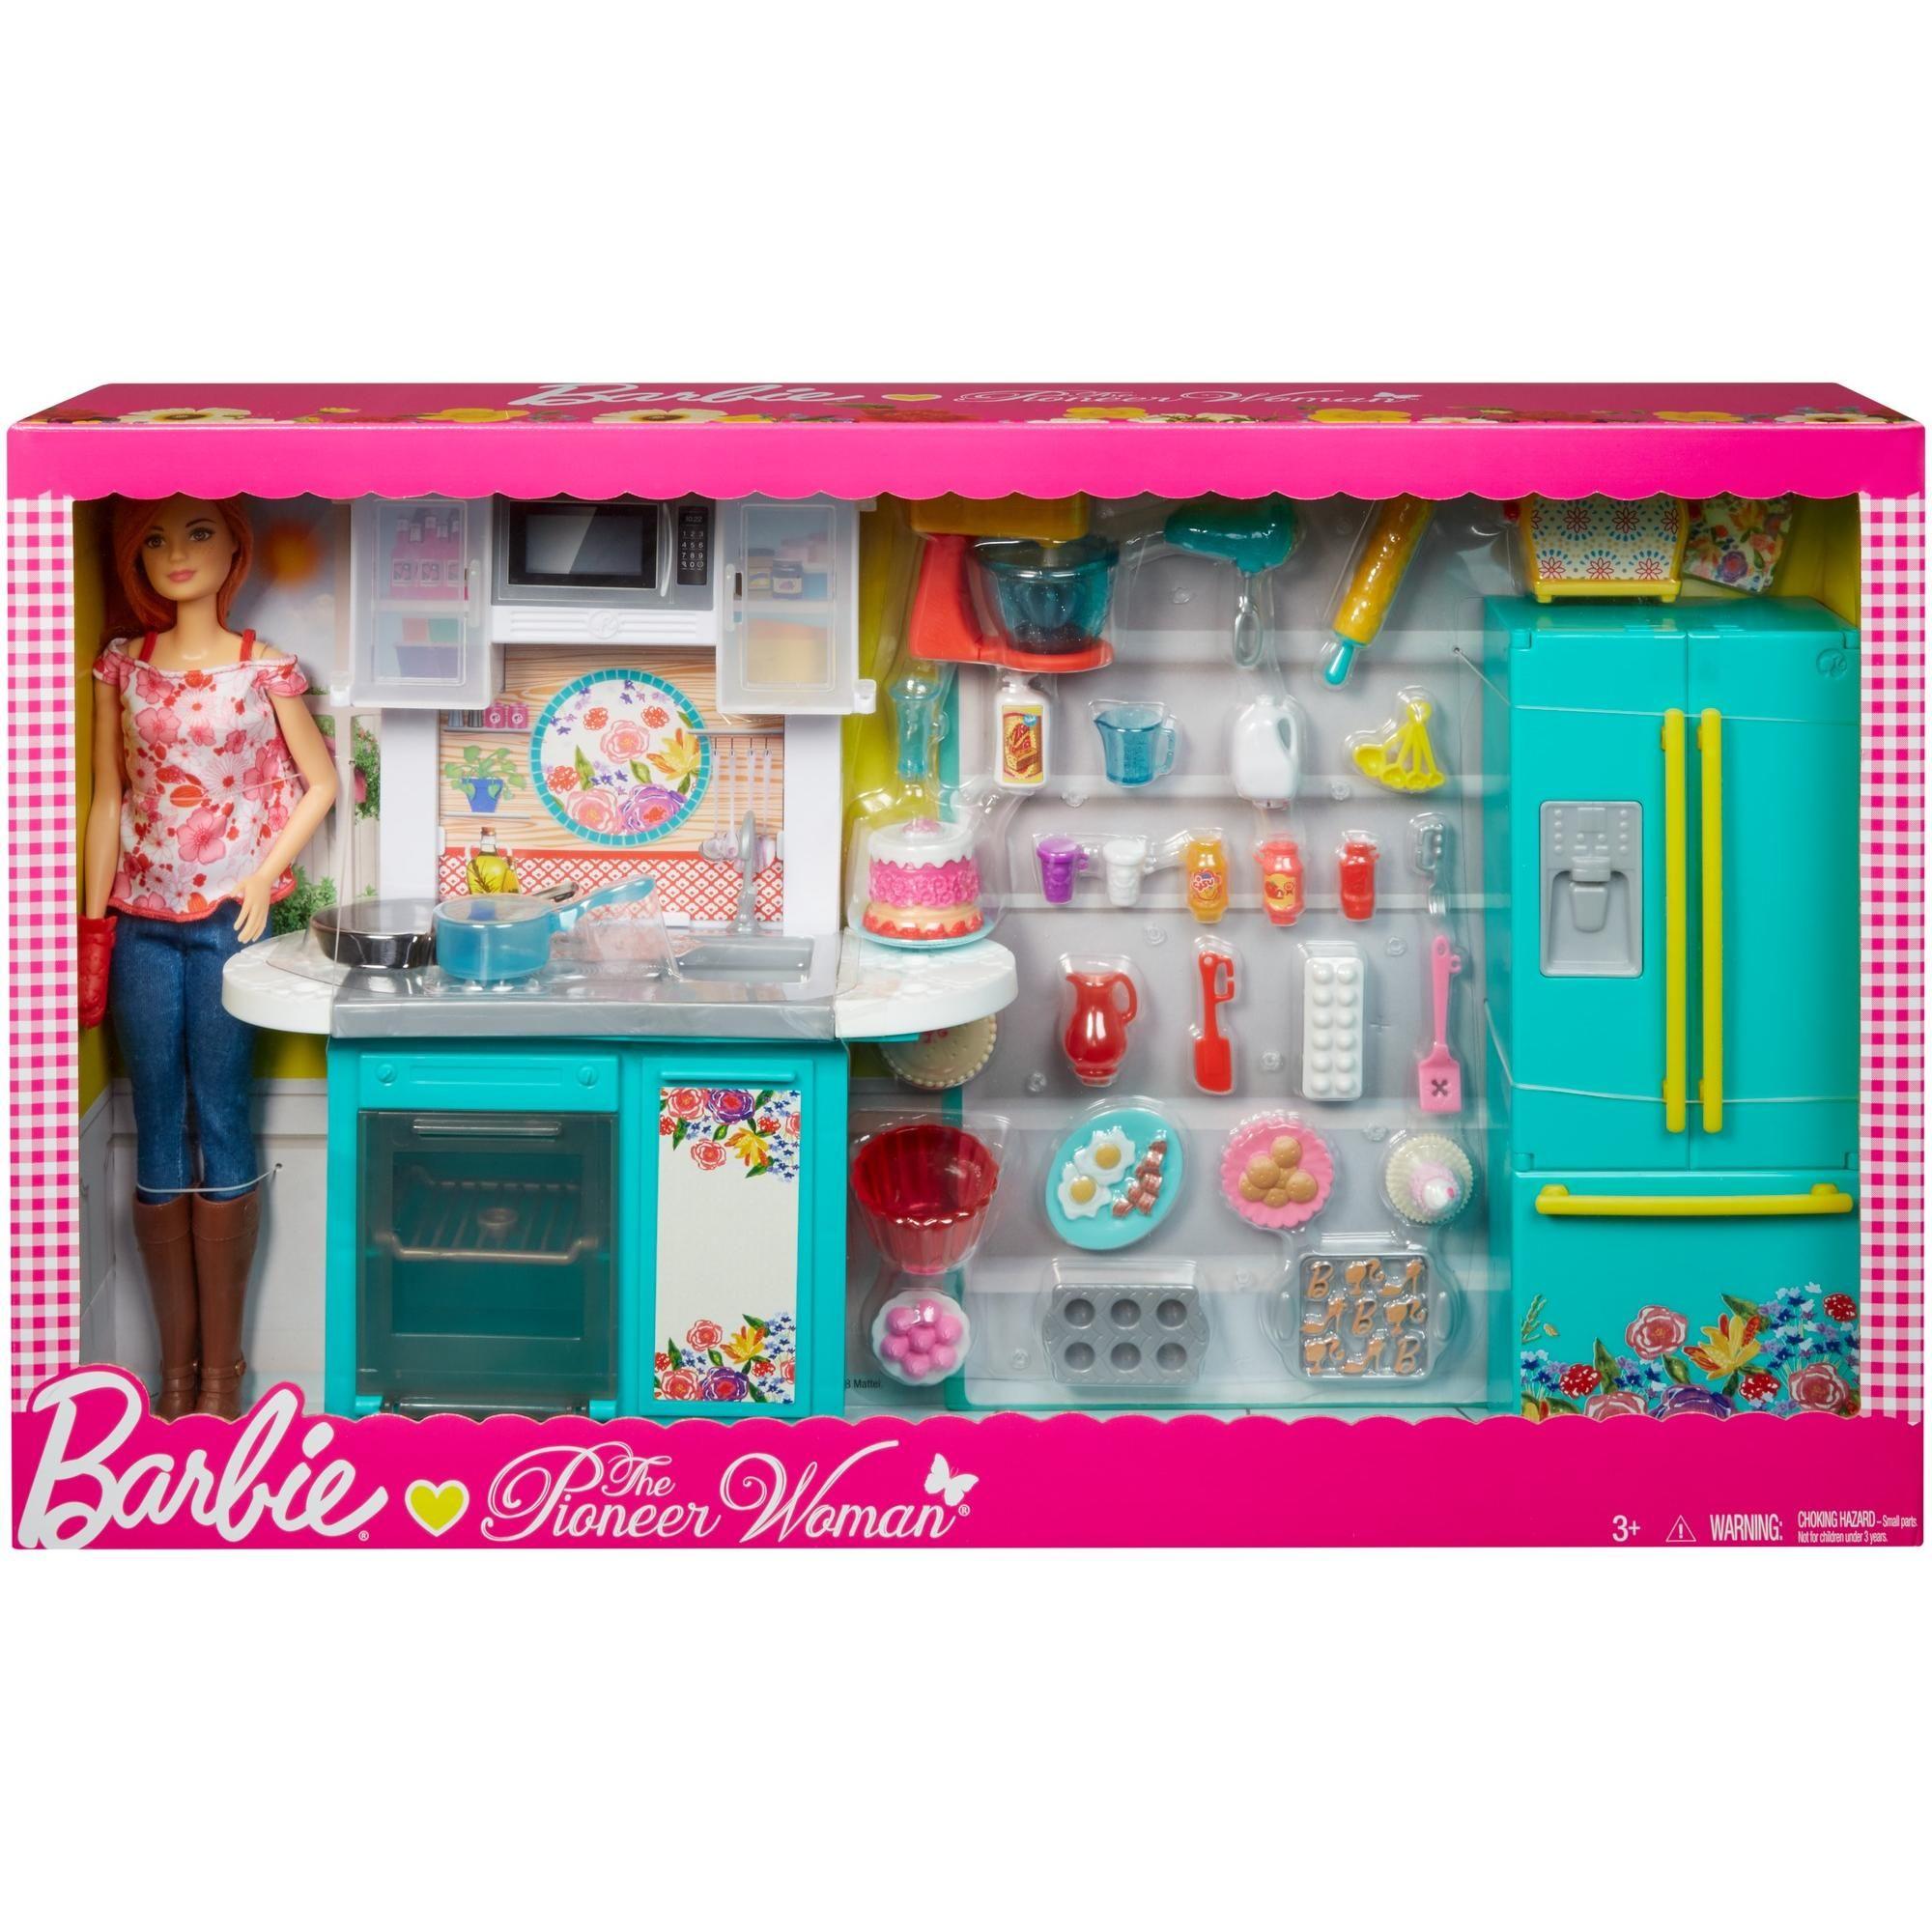 Kitchen Set Barbie Doll Cartoon In 2020 Barbie Kitchen Barbie Doll Set Barbie Playsets